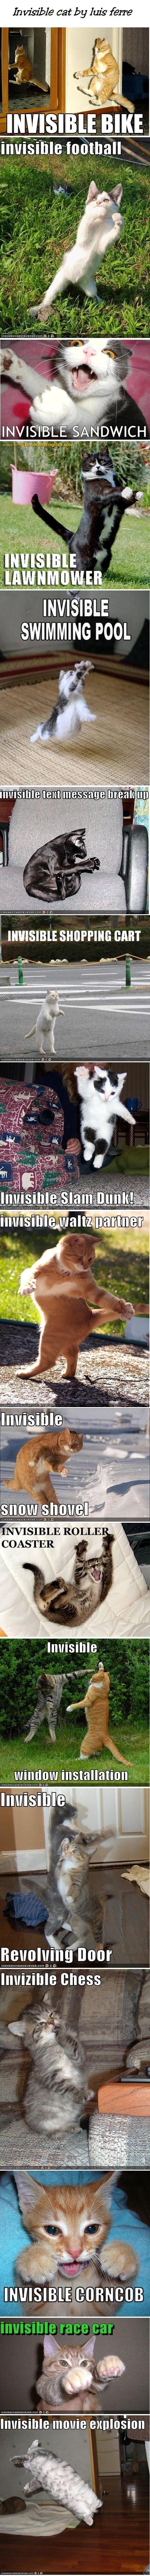 Kuvia kissoista näkymättömien asioiden kera